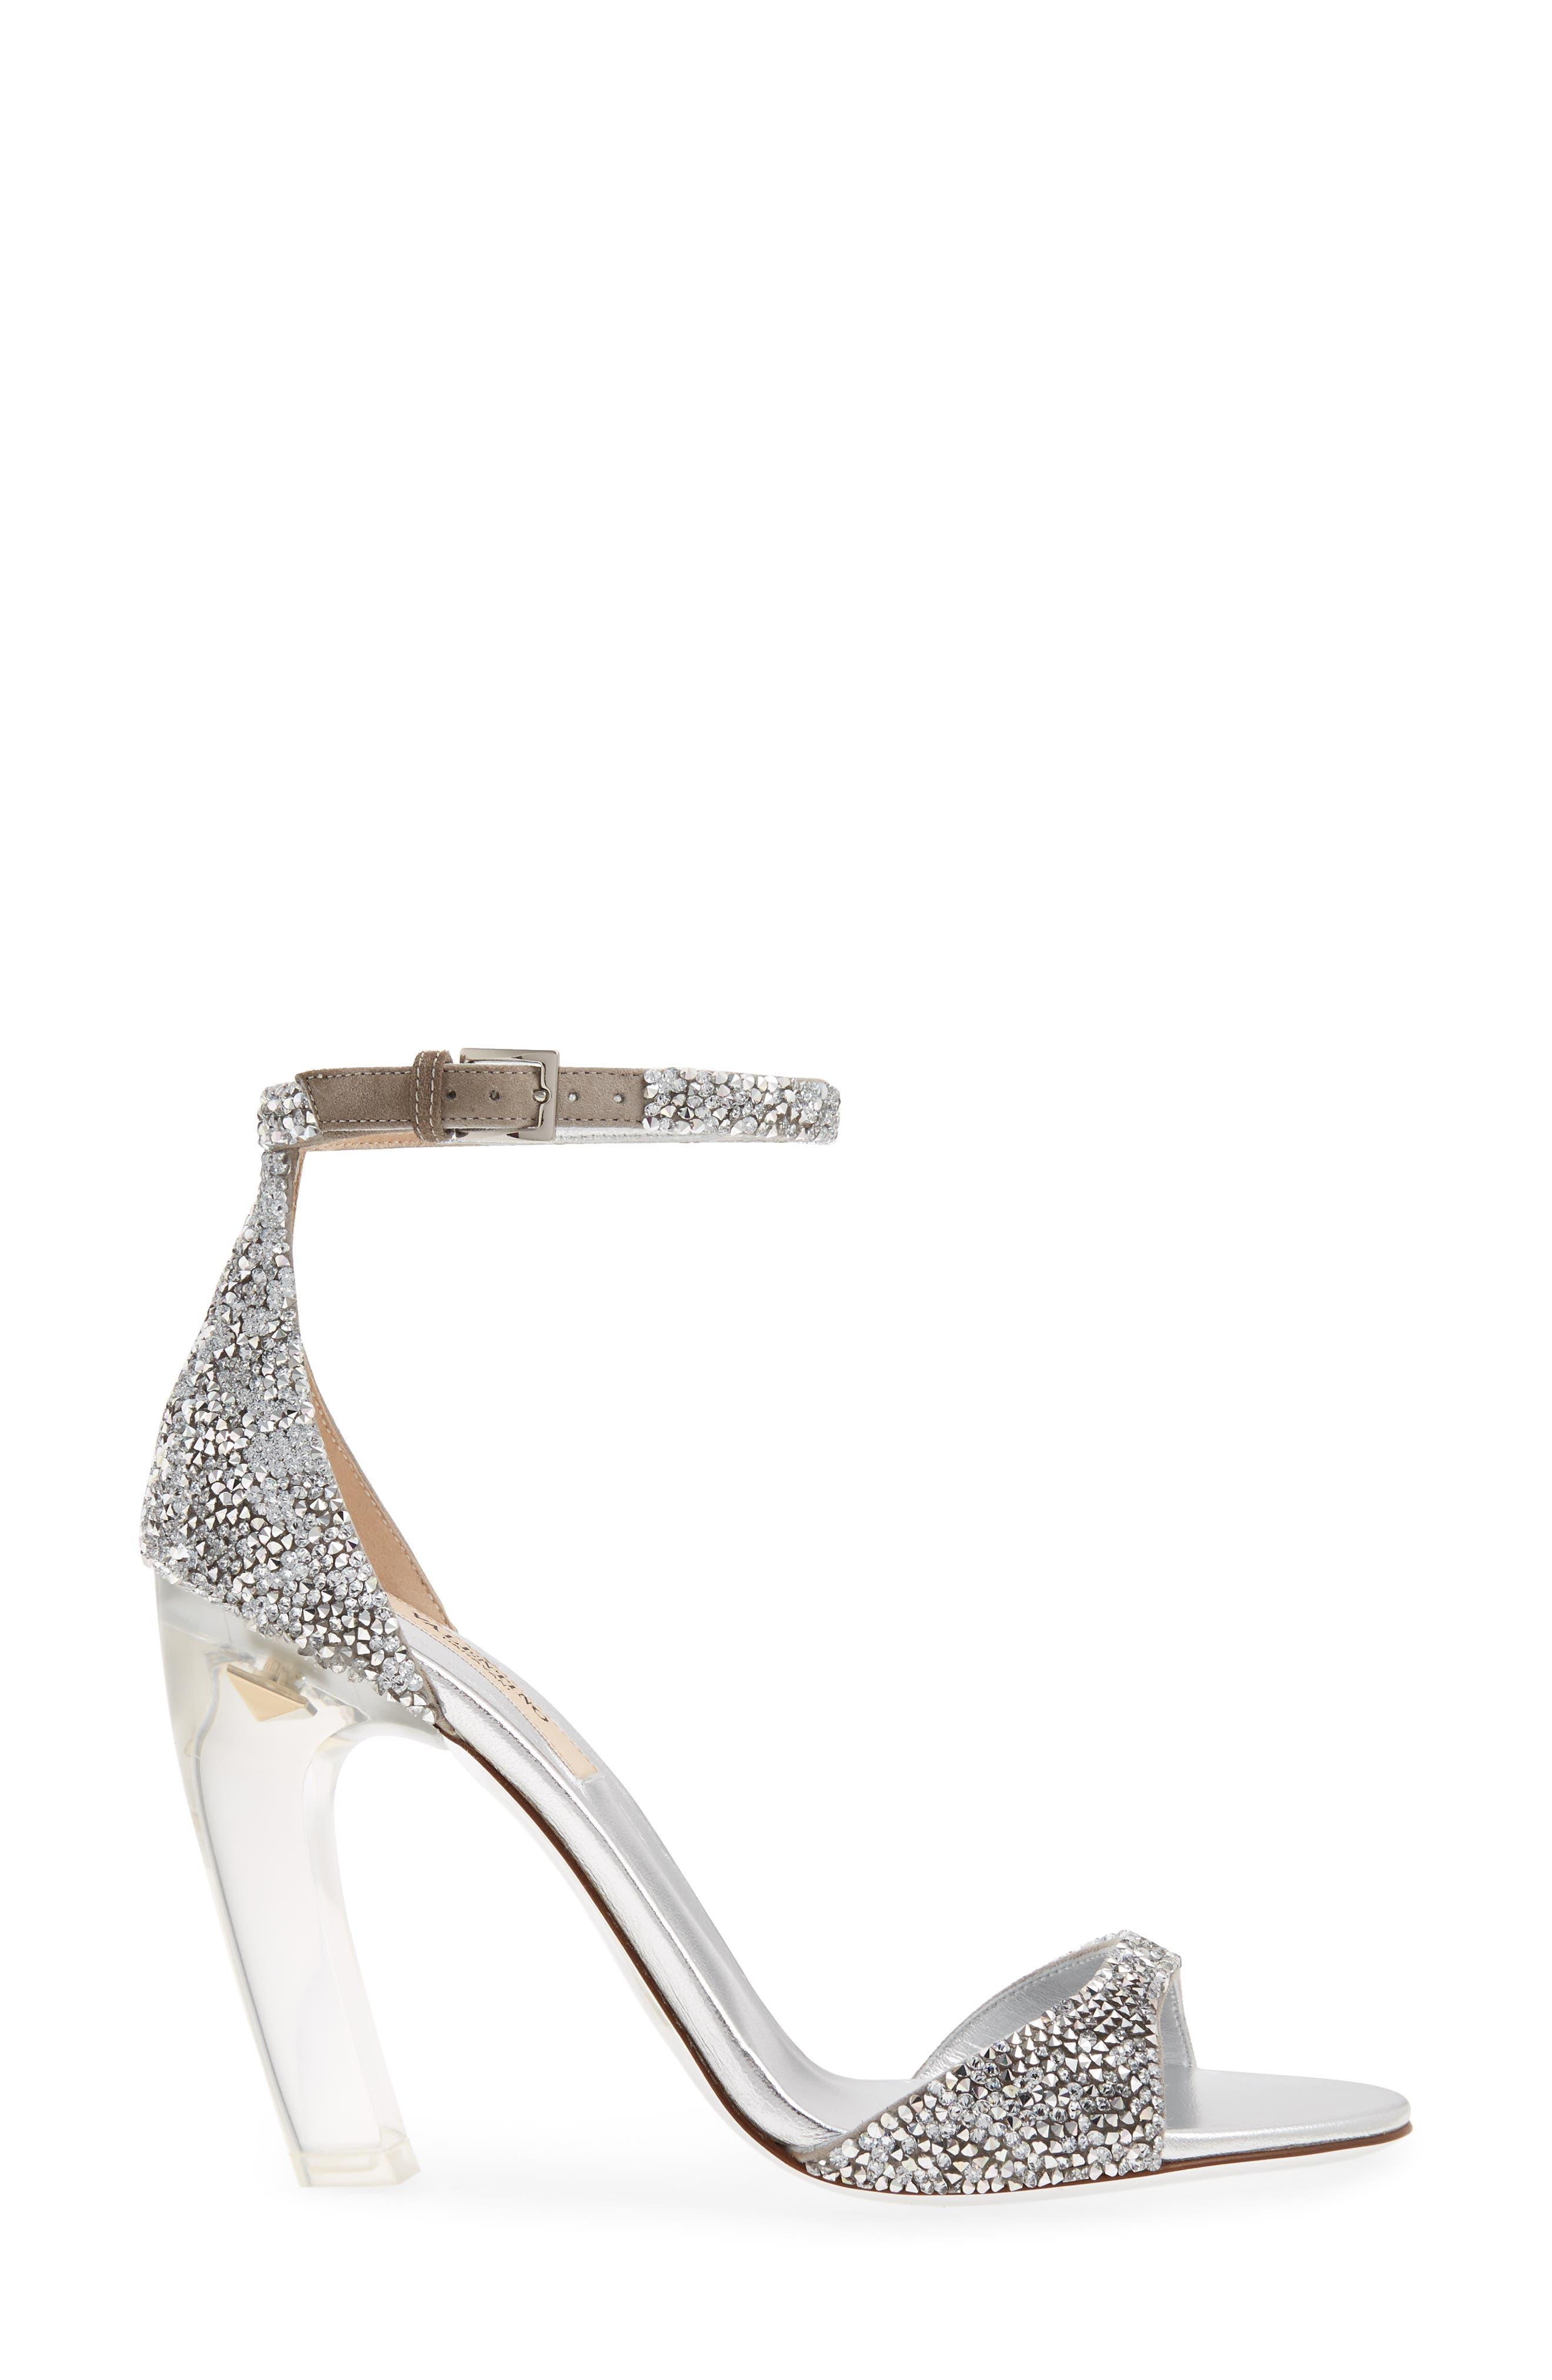 GARAVANI Crystal Embellished Clear Heel Sandal,                             Alternate thumbnail 3, color,                             Silver